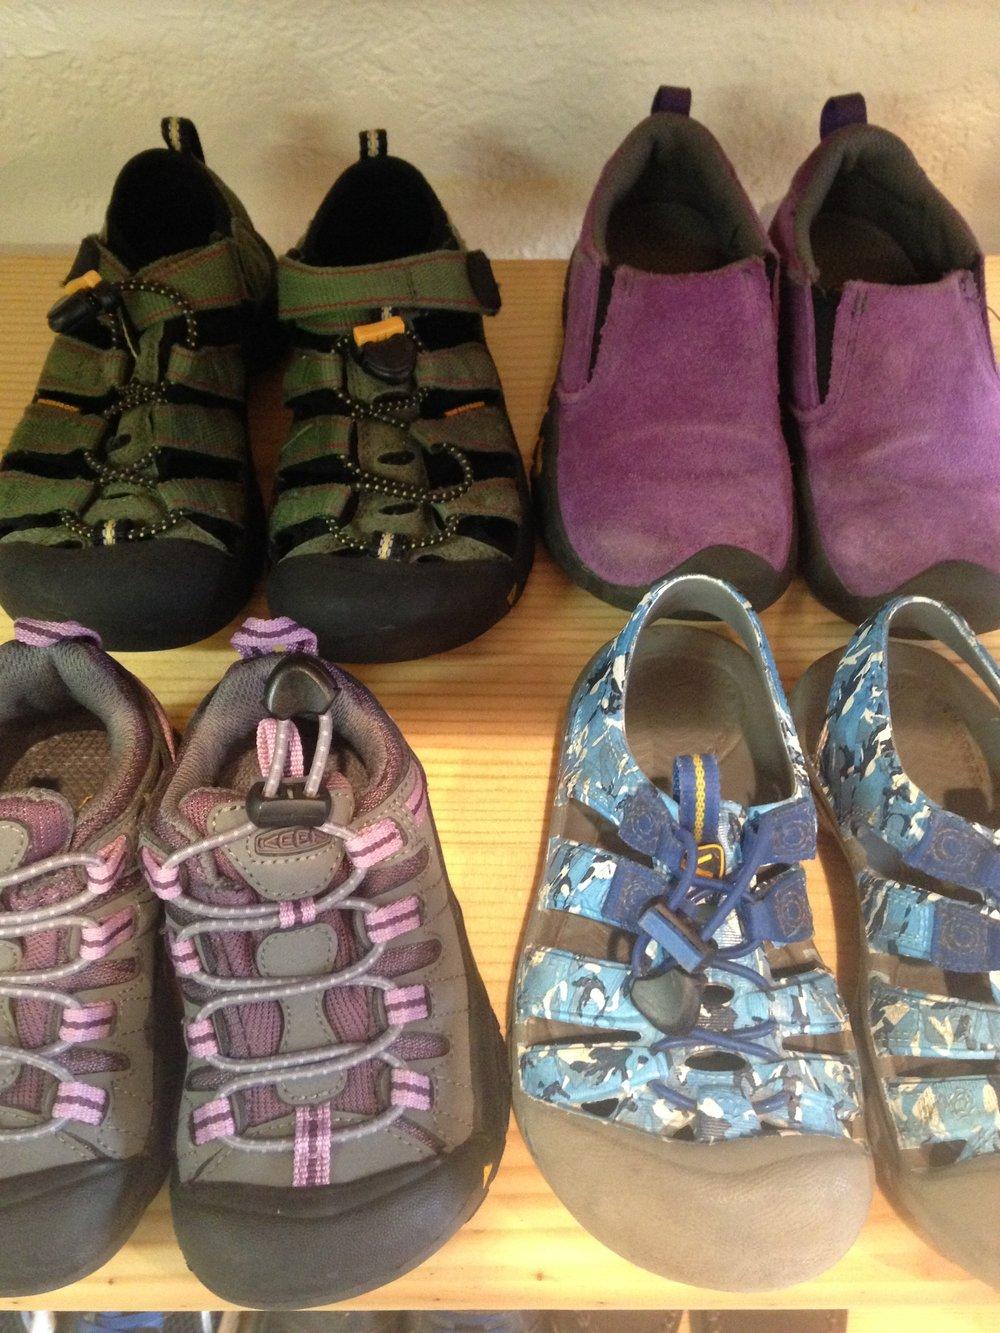 KEEN sandals currently at junebug.